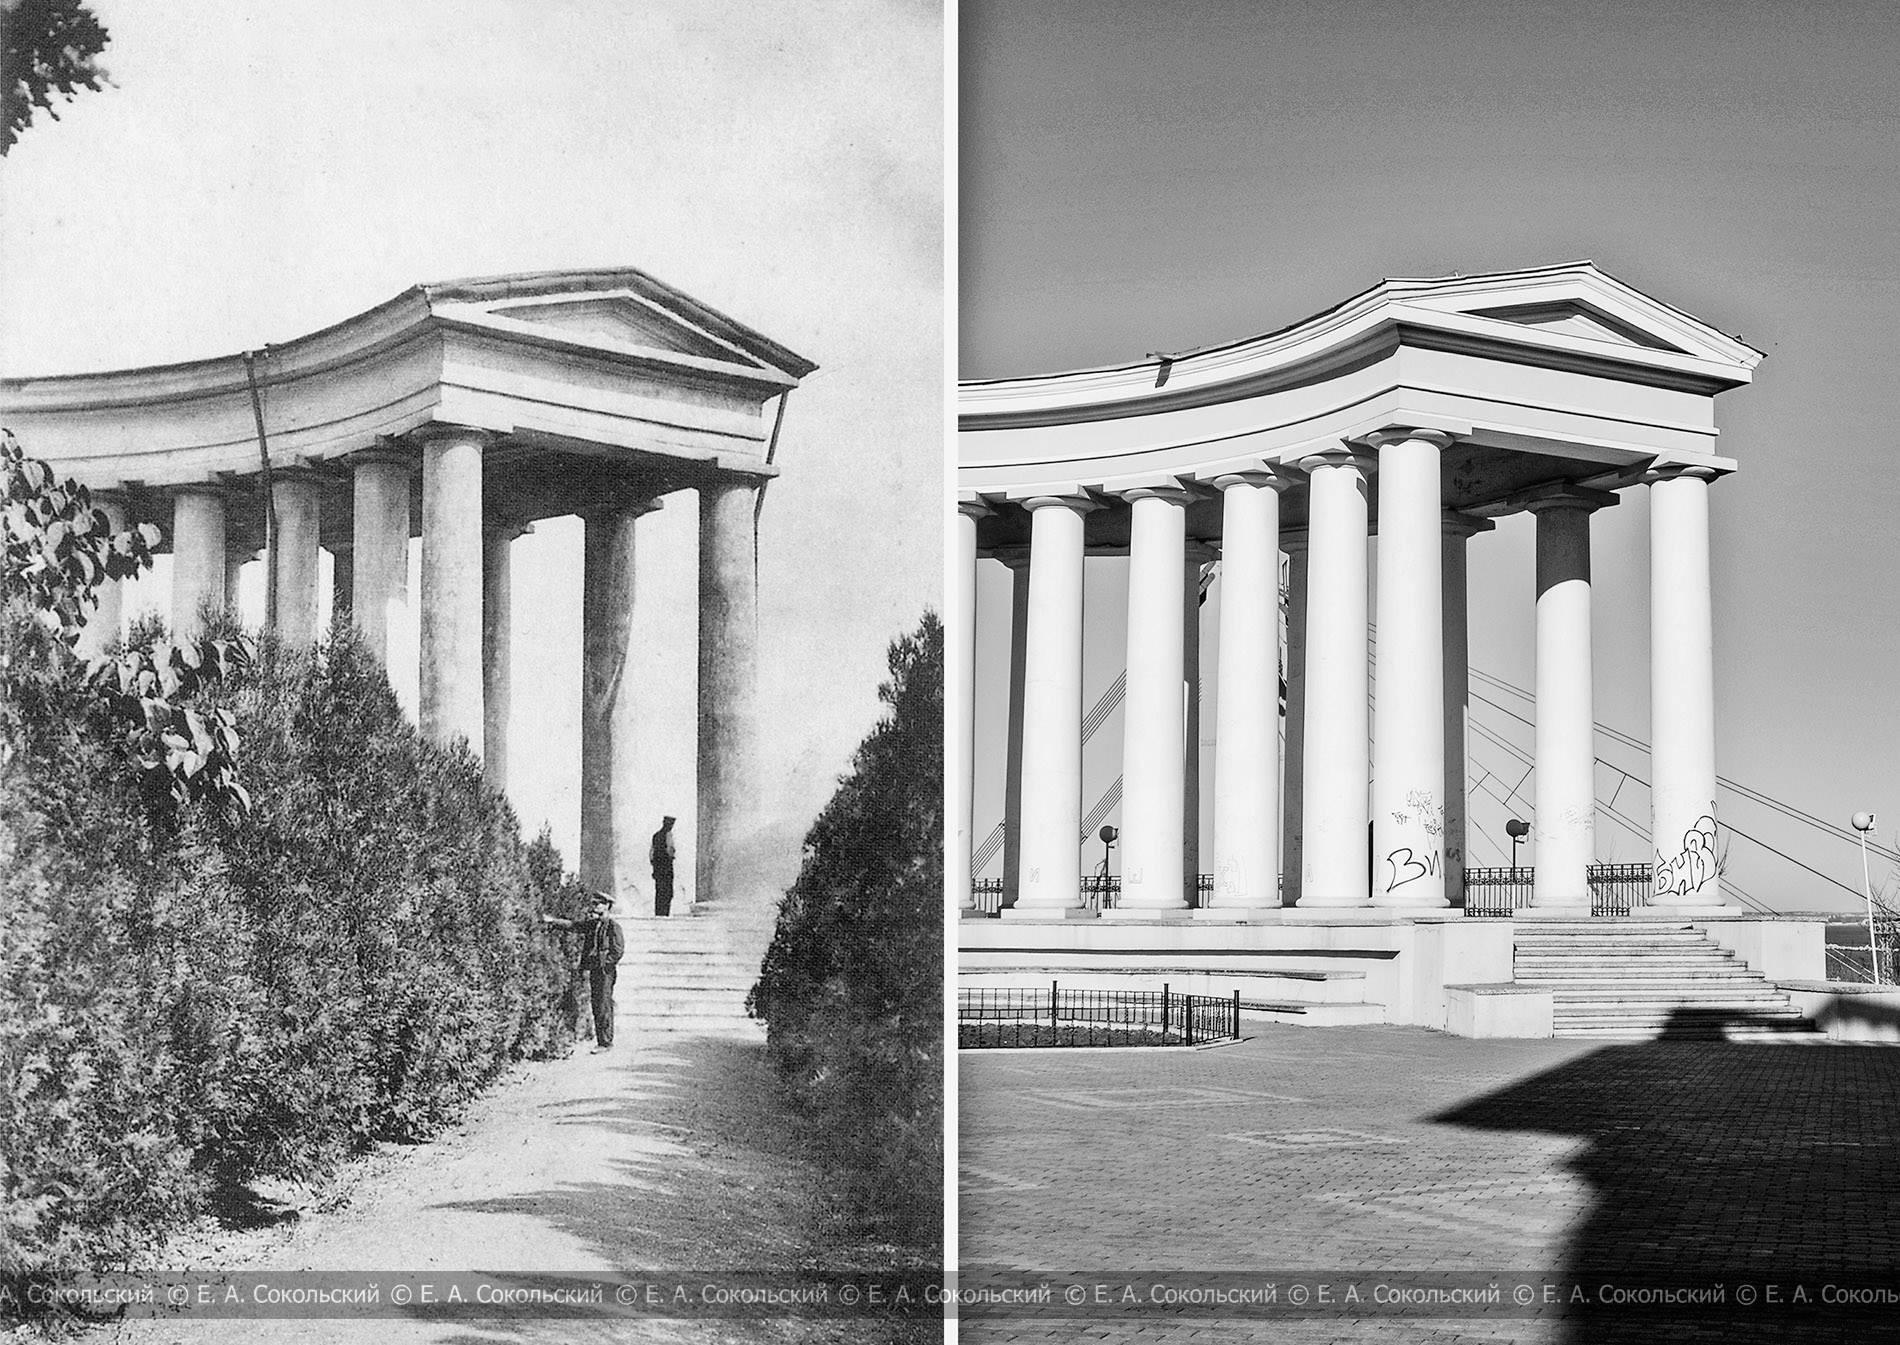 «Одесса: было-стало» — краевед сравнивает городские виды с разницей 30-150 лет